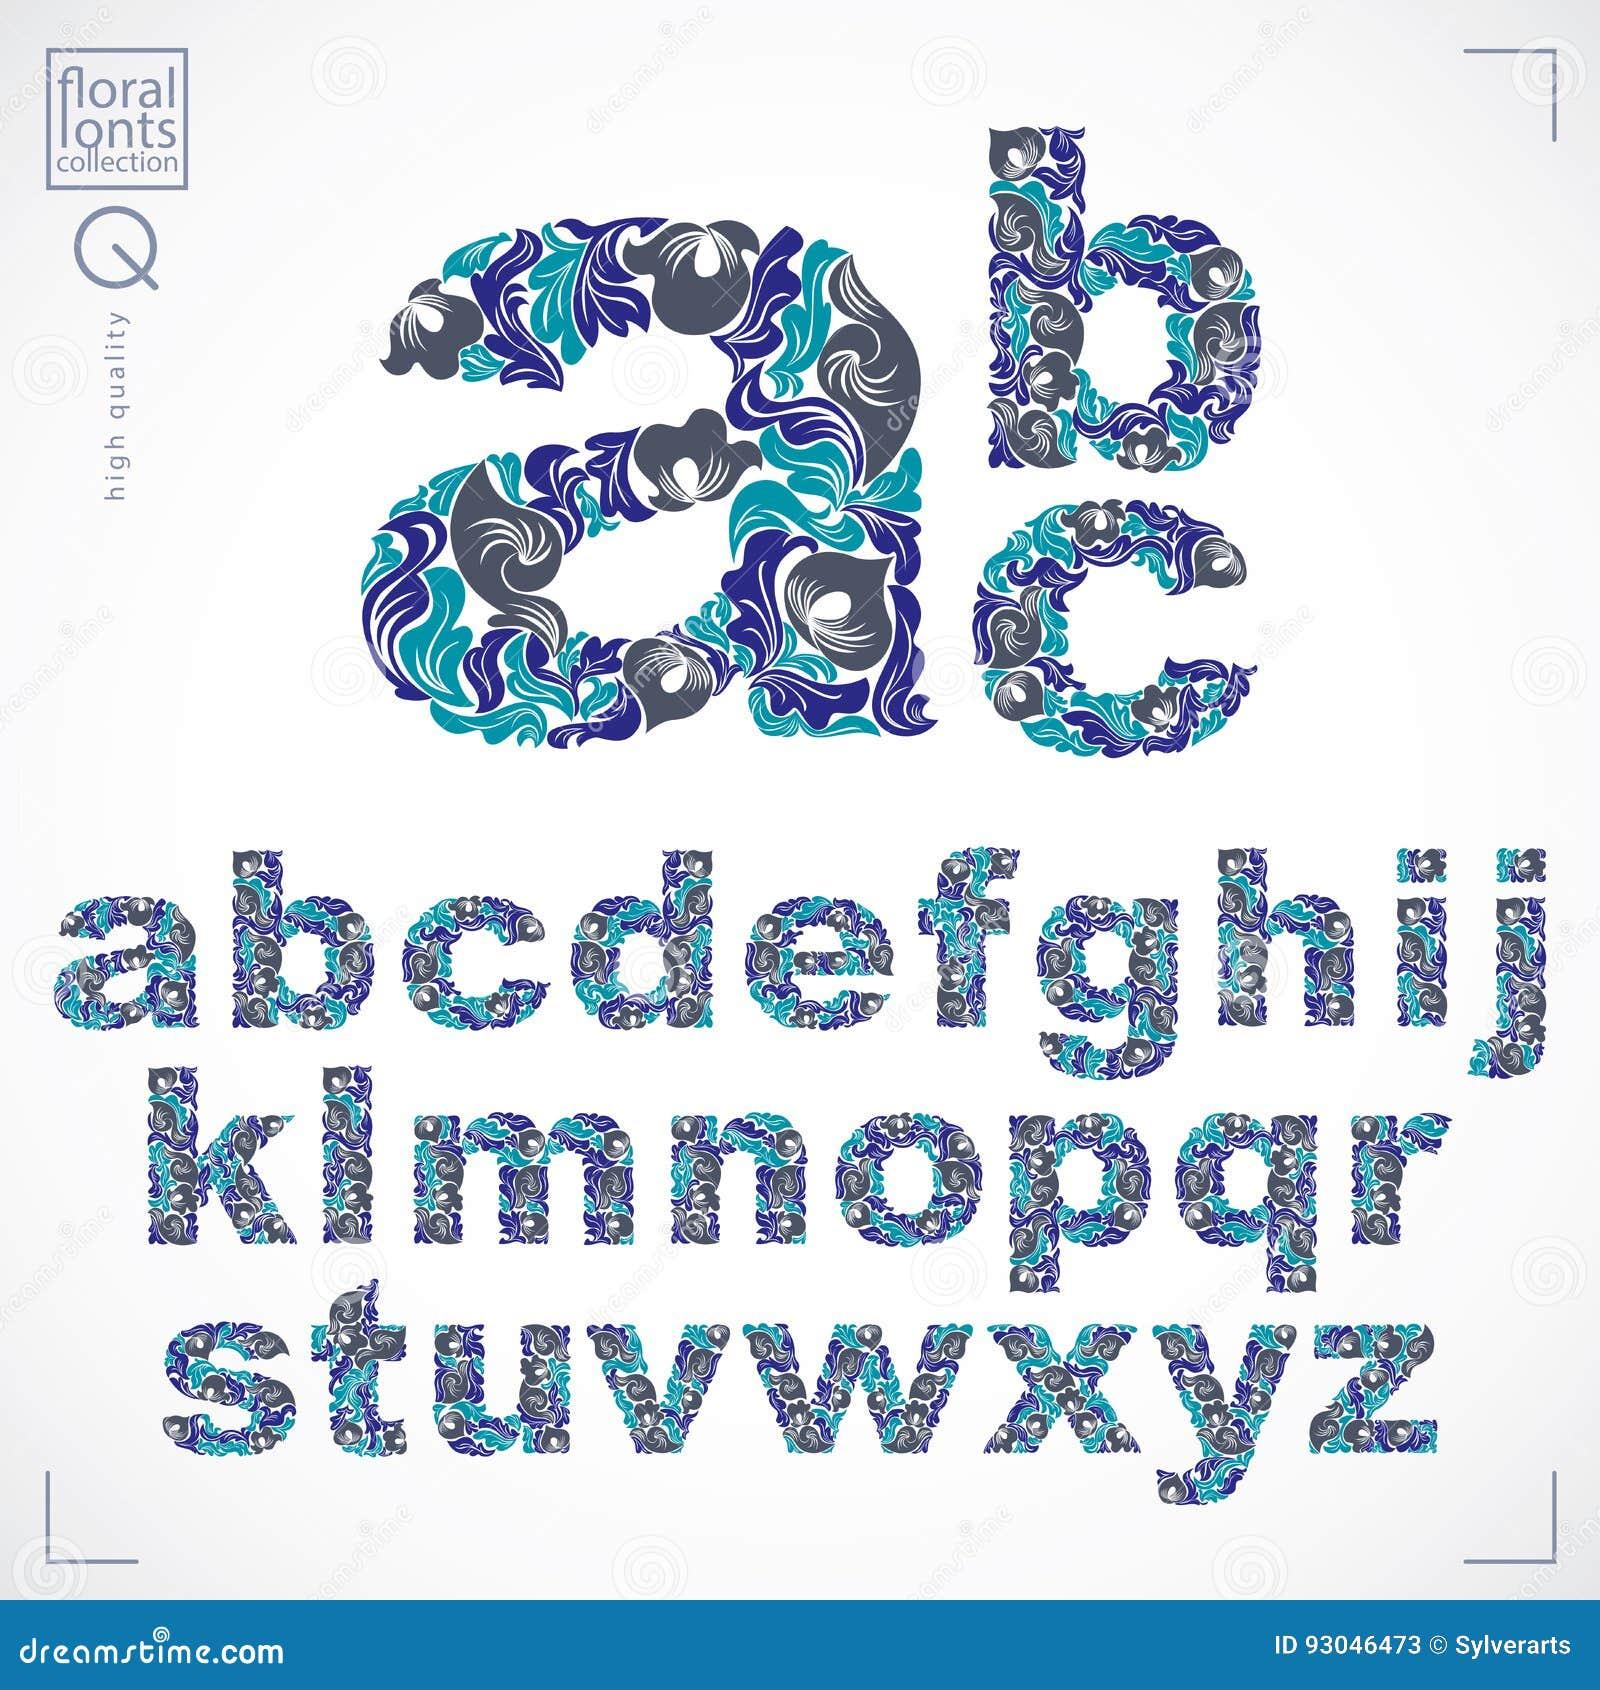 La fuente floral, alfabeto minúsculo del vector a mano pone letras a decoros